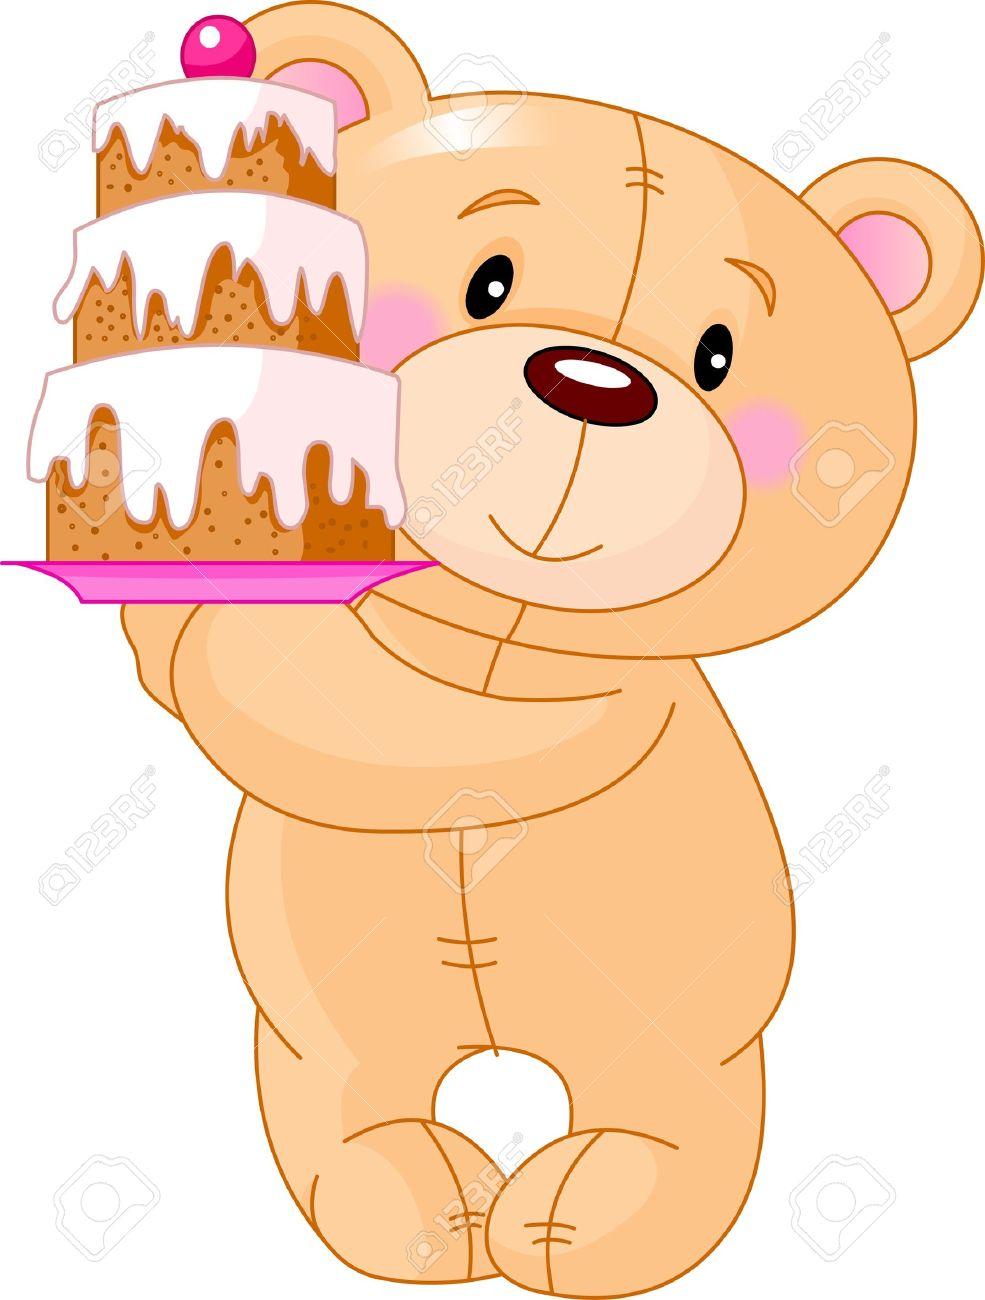 誕生日ケーキをもたらすかわいいテディベアのイラストのイラスト素材